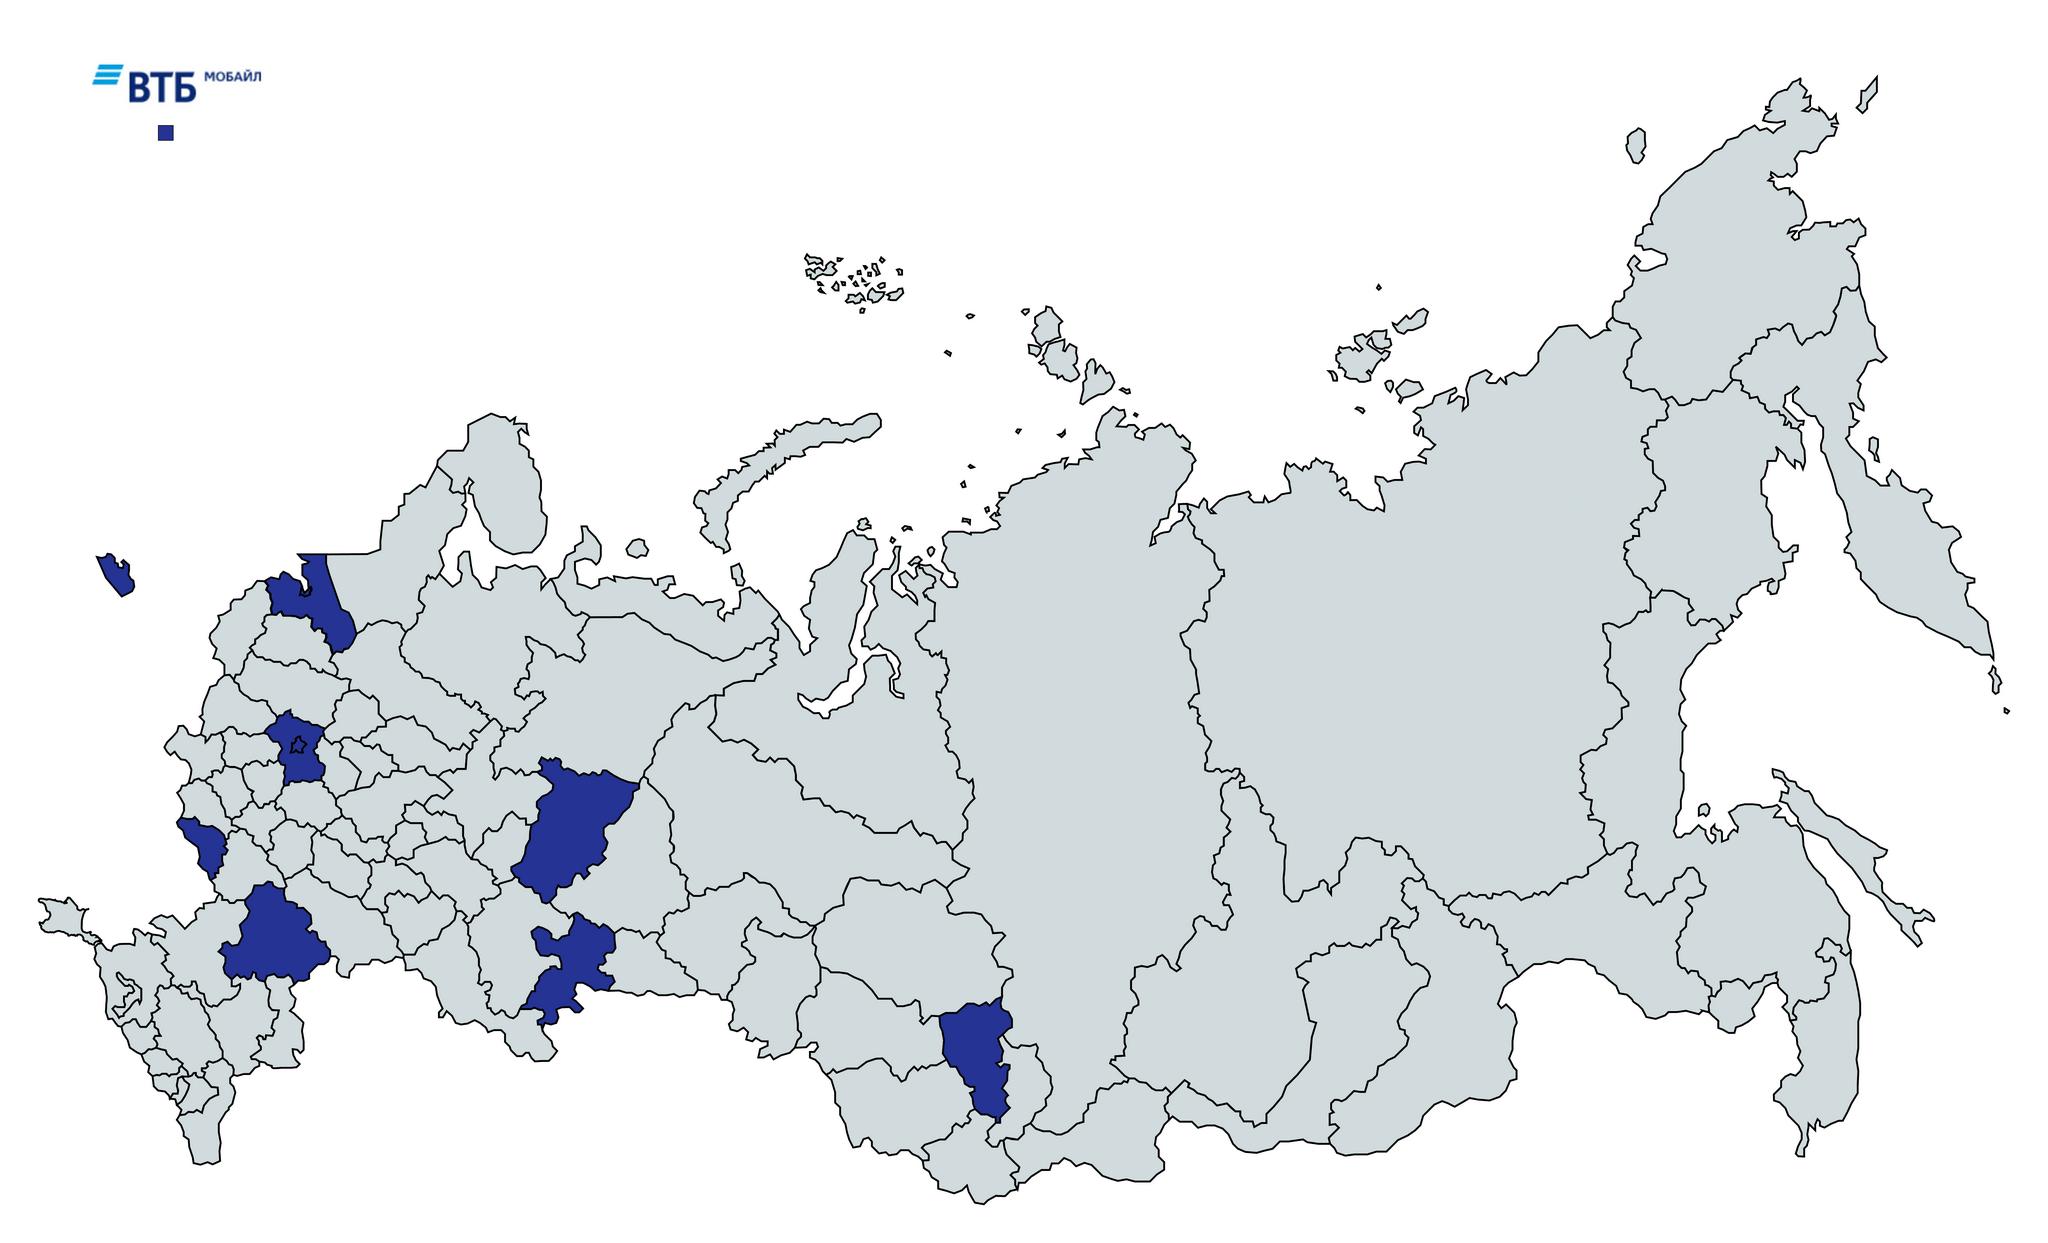 ВТБ Мобайл запустил сеть в Белгороде и Перми 2